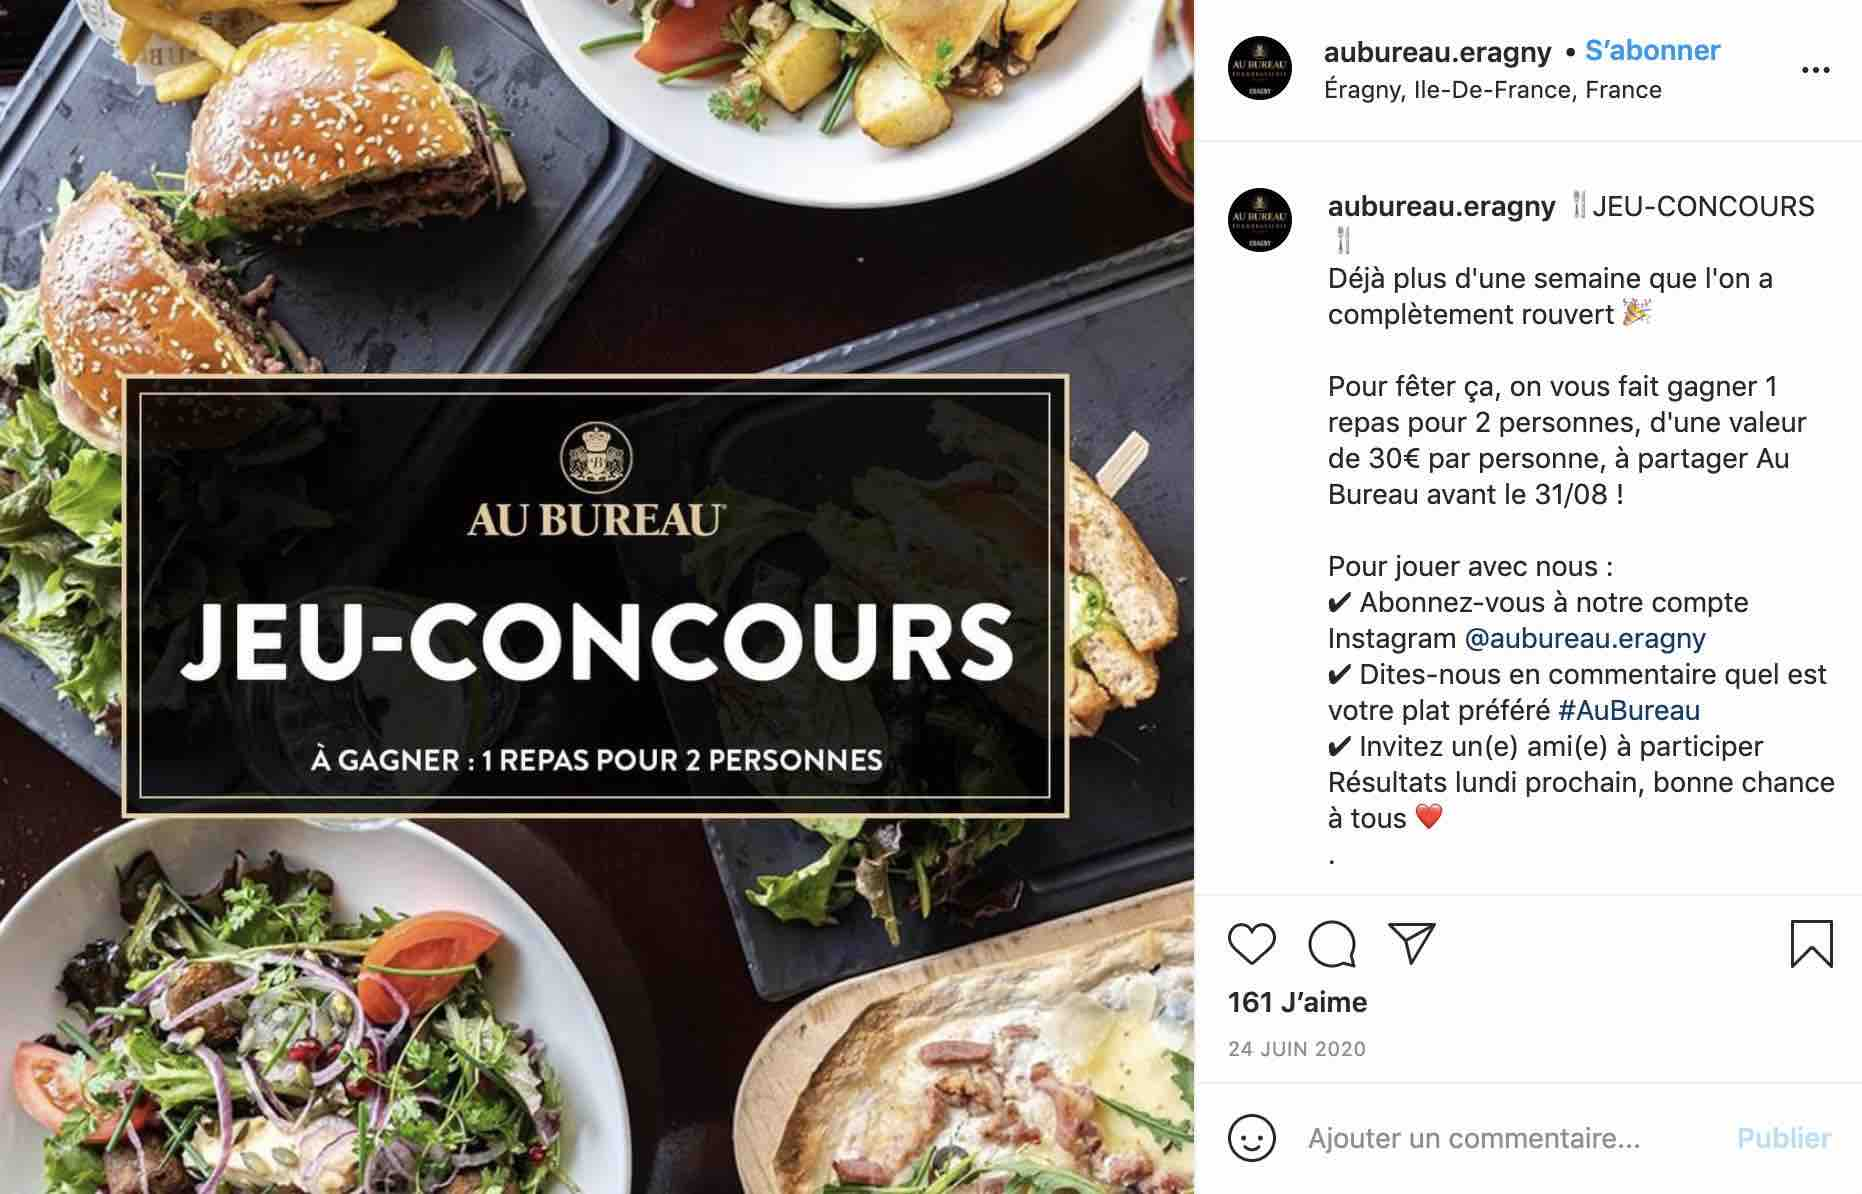 Exemple d'un jeu-concours organisé par Au Bureau Eragny pour agrandir leur communauté Instagram